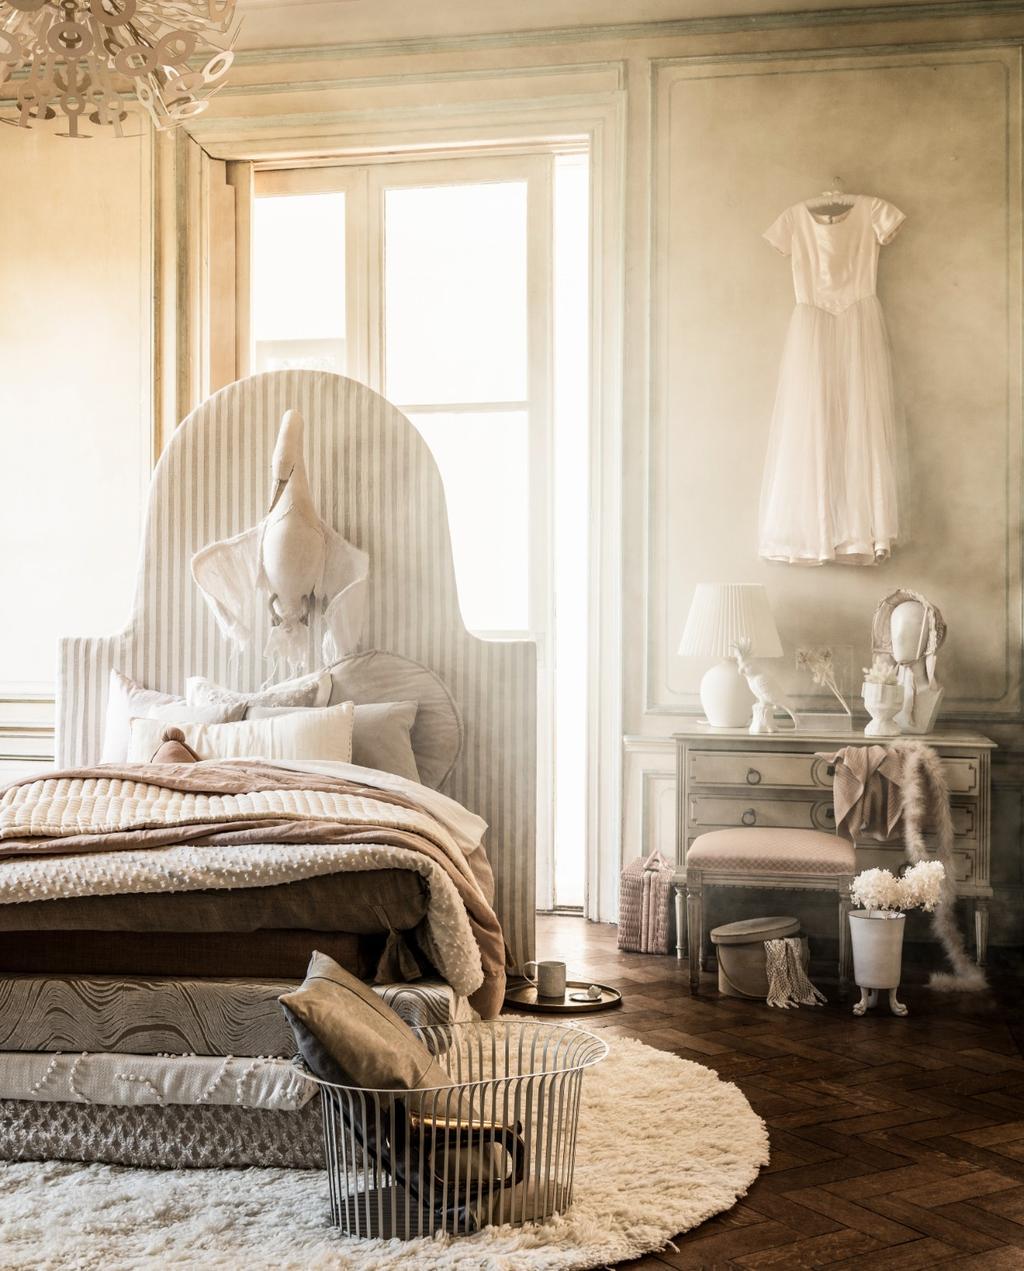 vtwonen liza wassenaar | romantische woonstijl  | romantische materialen | sprookjeshuis | krijttinten